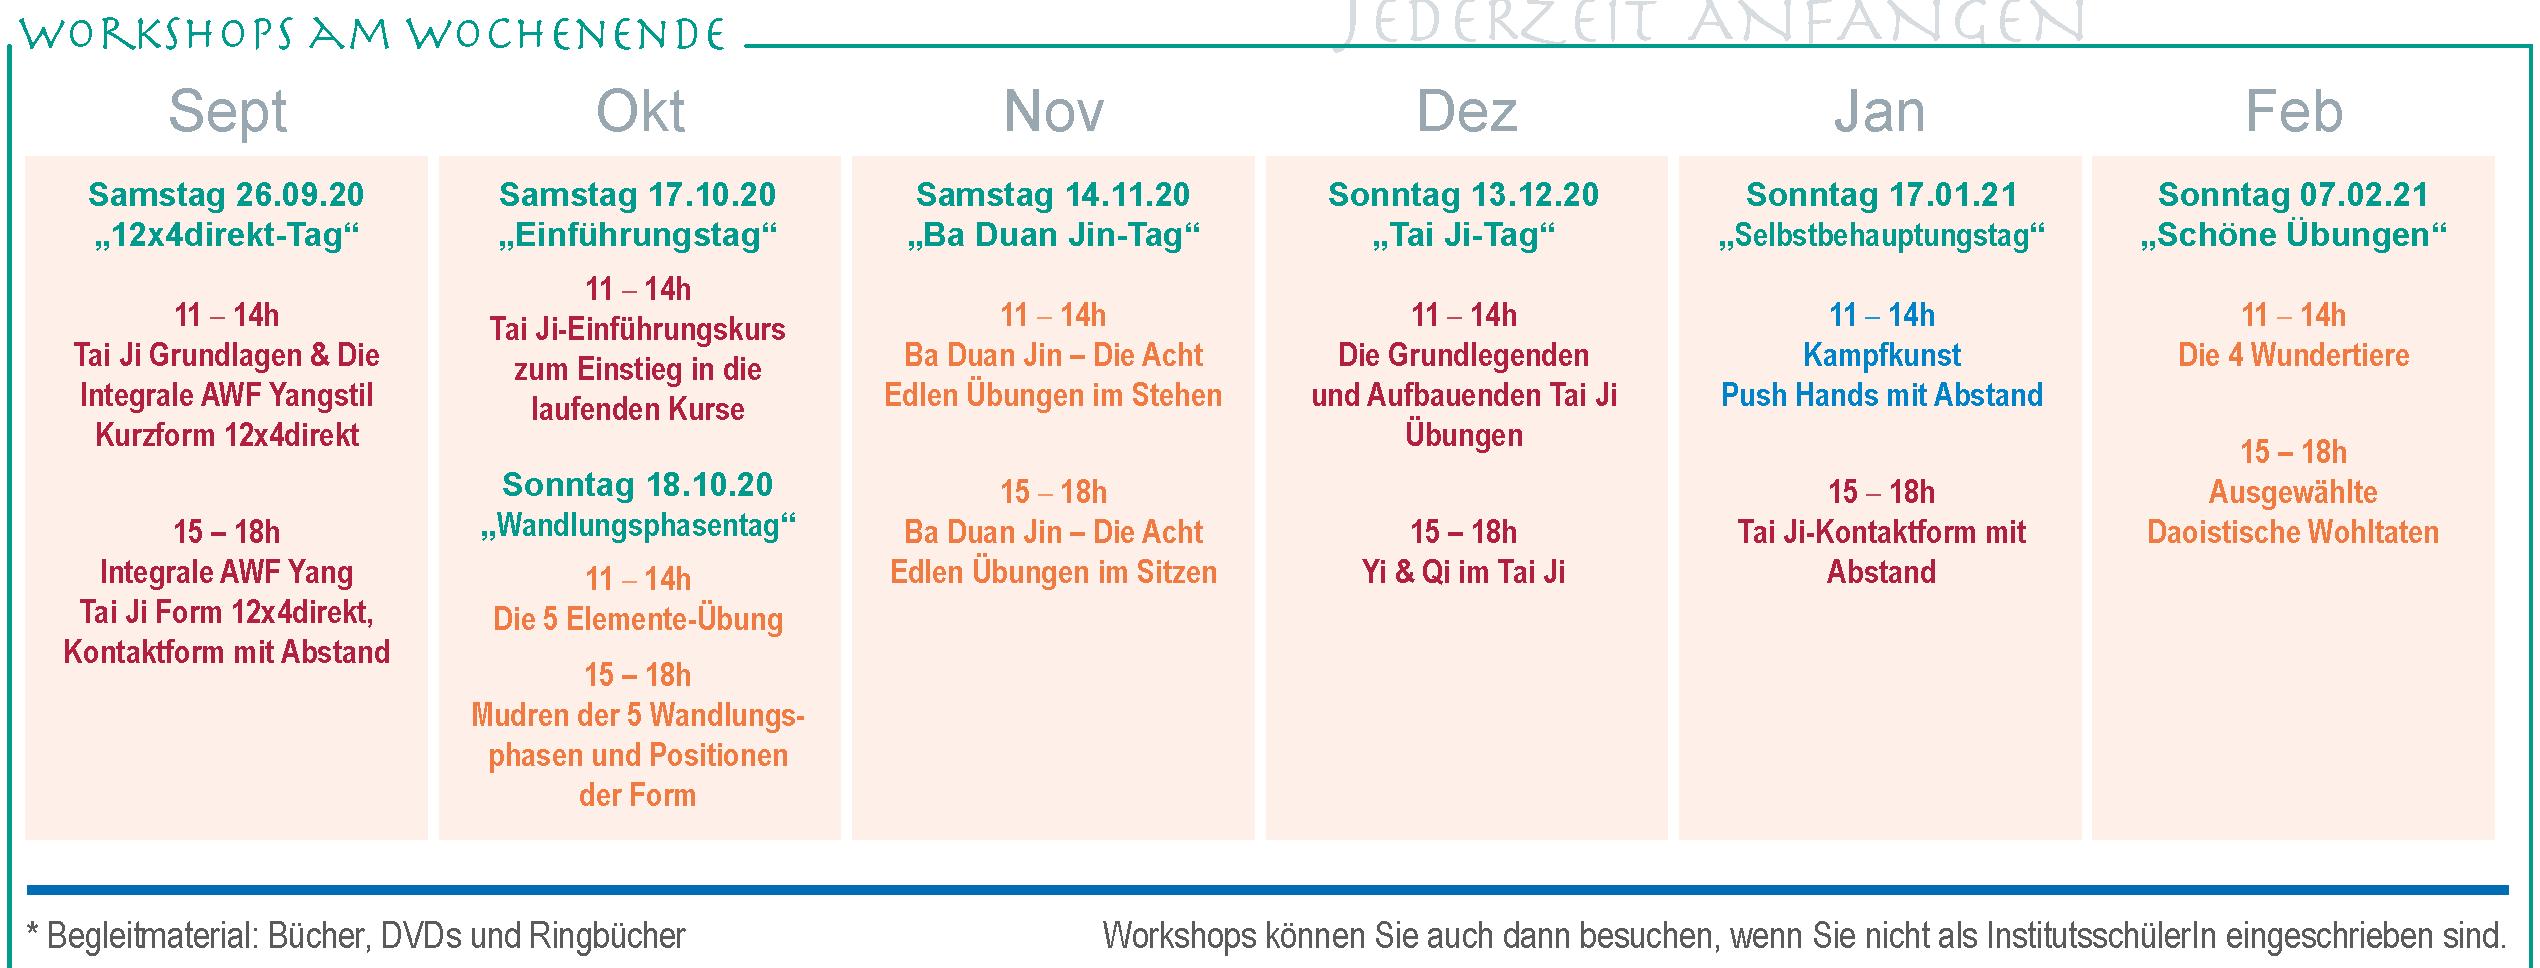 Workshops Wintersemester 2020/21